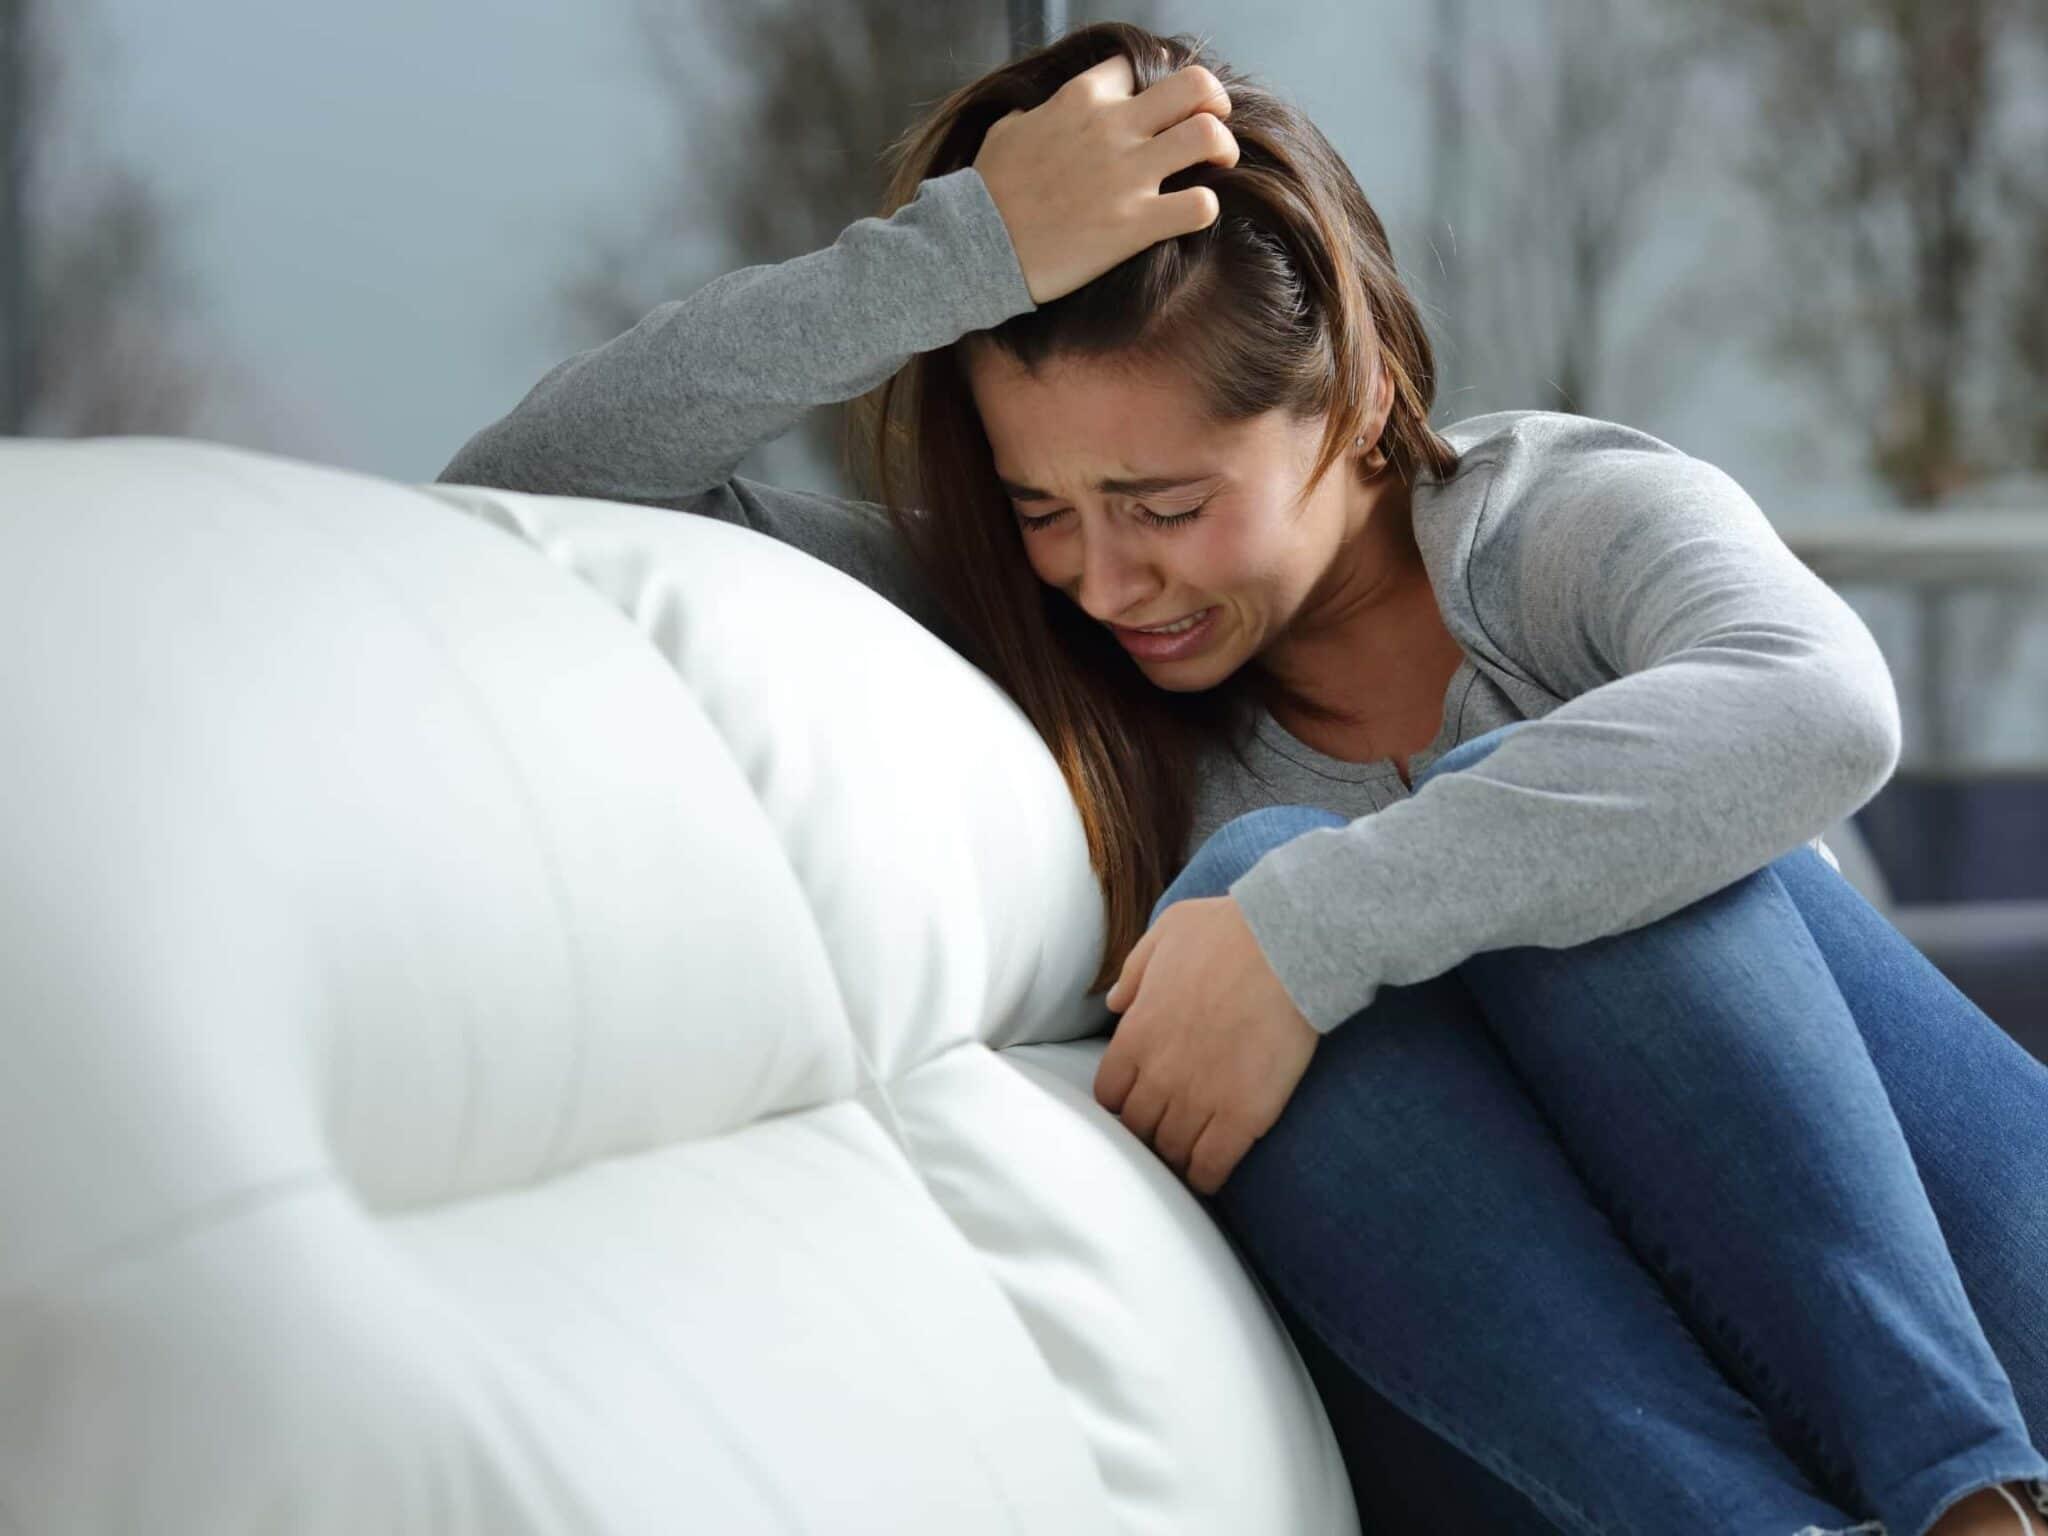 La solitudine che ammazza: tentativi di autolesionismo e di suicidio tra minori aumentati del 30%